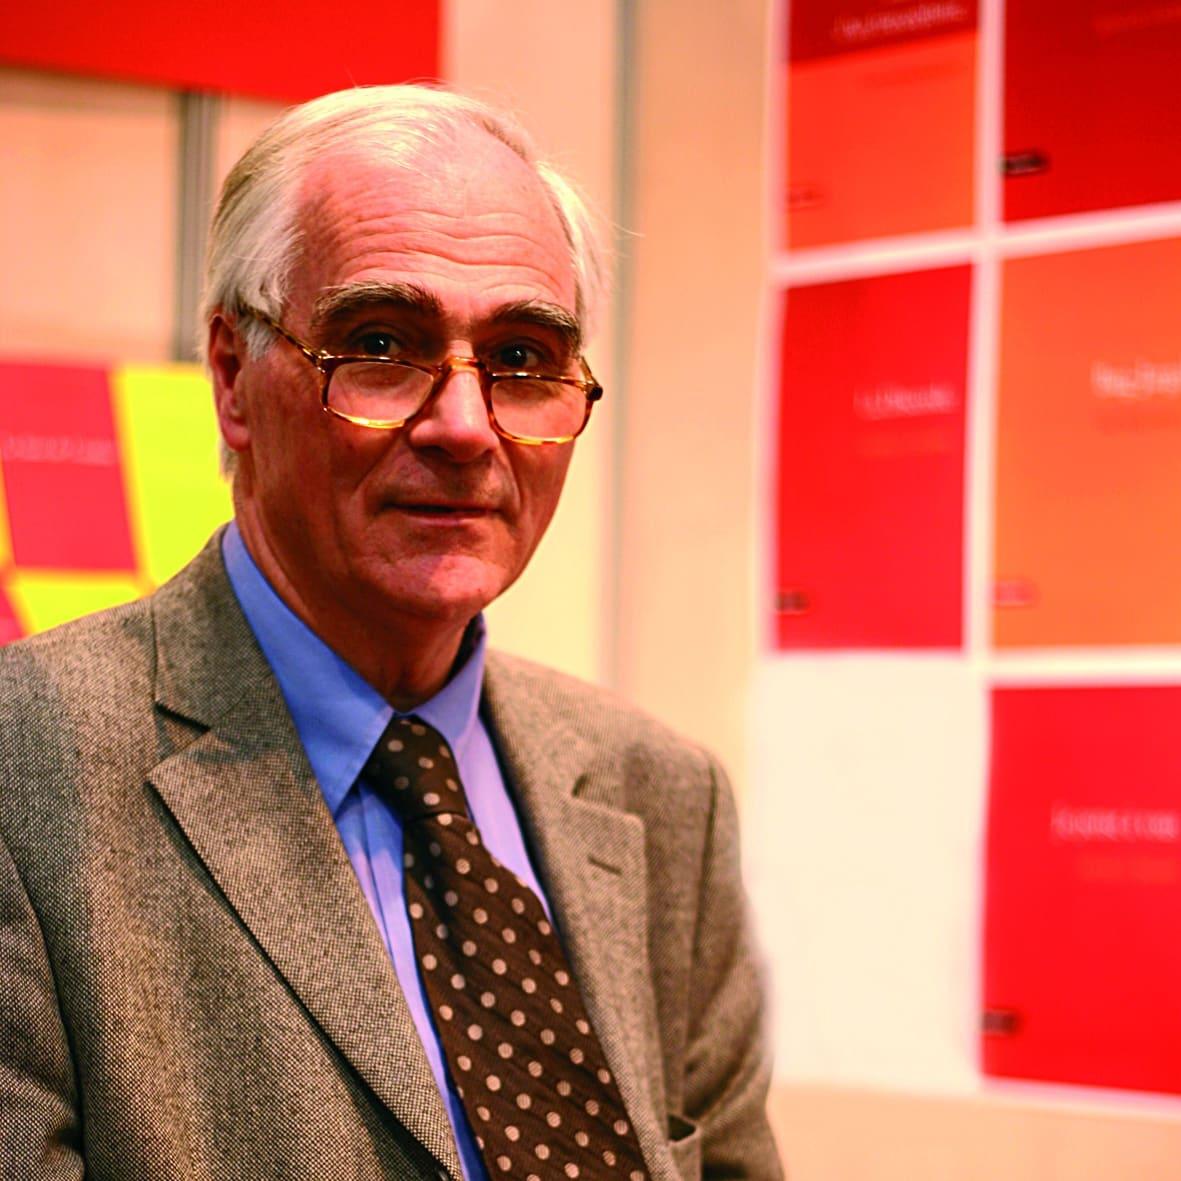 Jean-Marie Borzeix